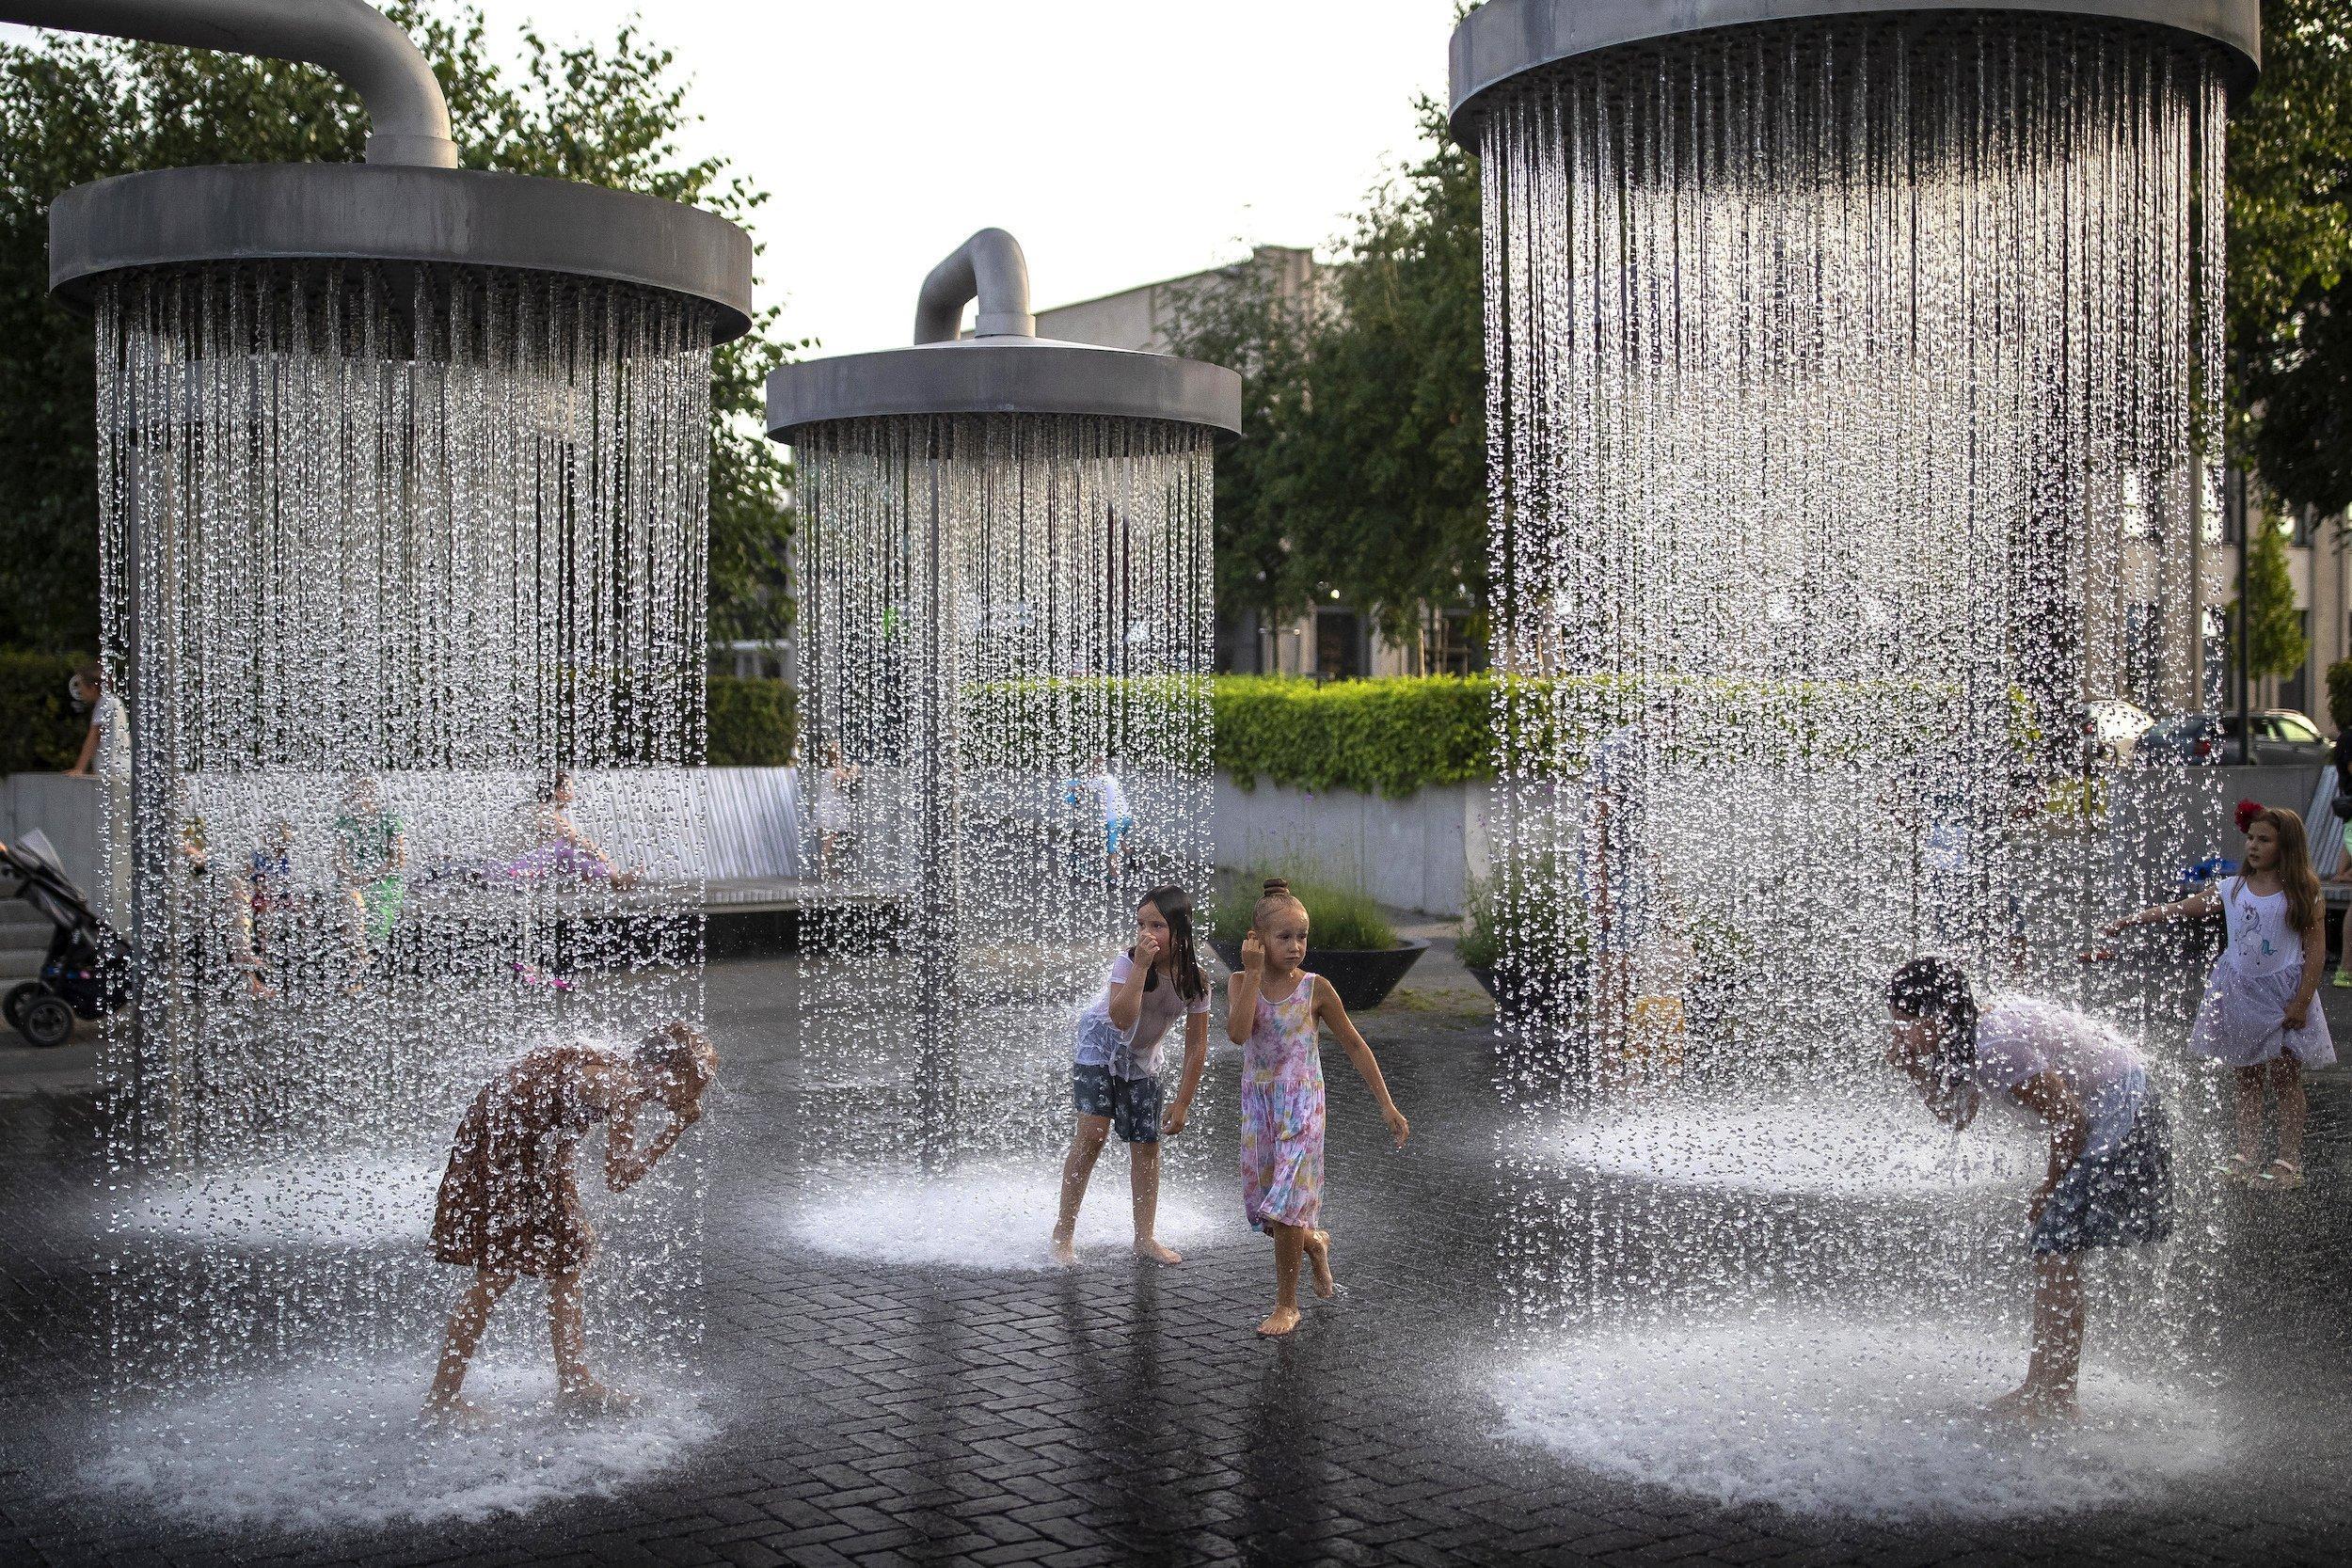 Kinder spielen unter riesigen Duschen, die im Stadtraum von Vilnius installiert sind.